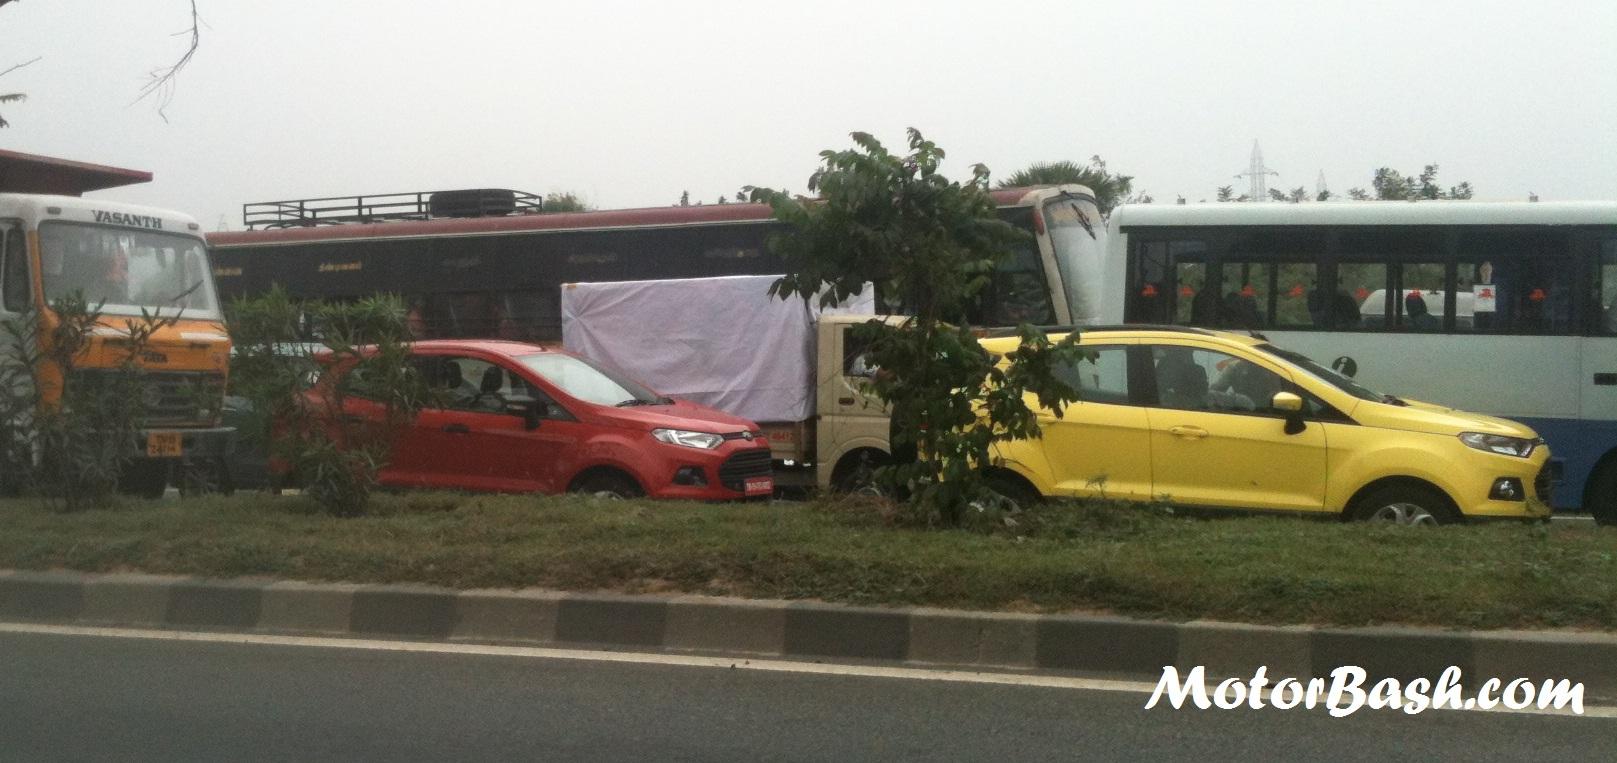 Ford-Ecosport-Yellow-Chennai